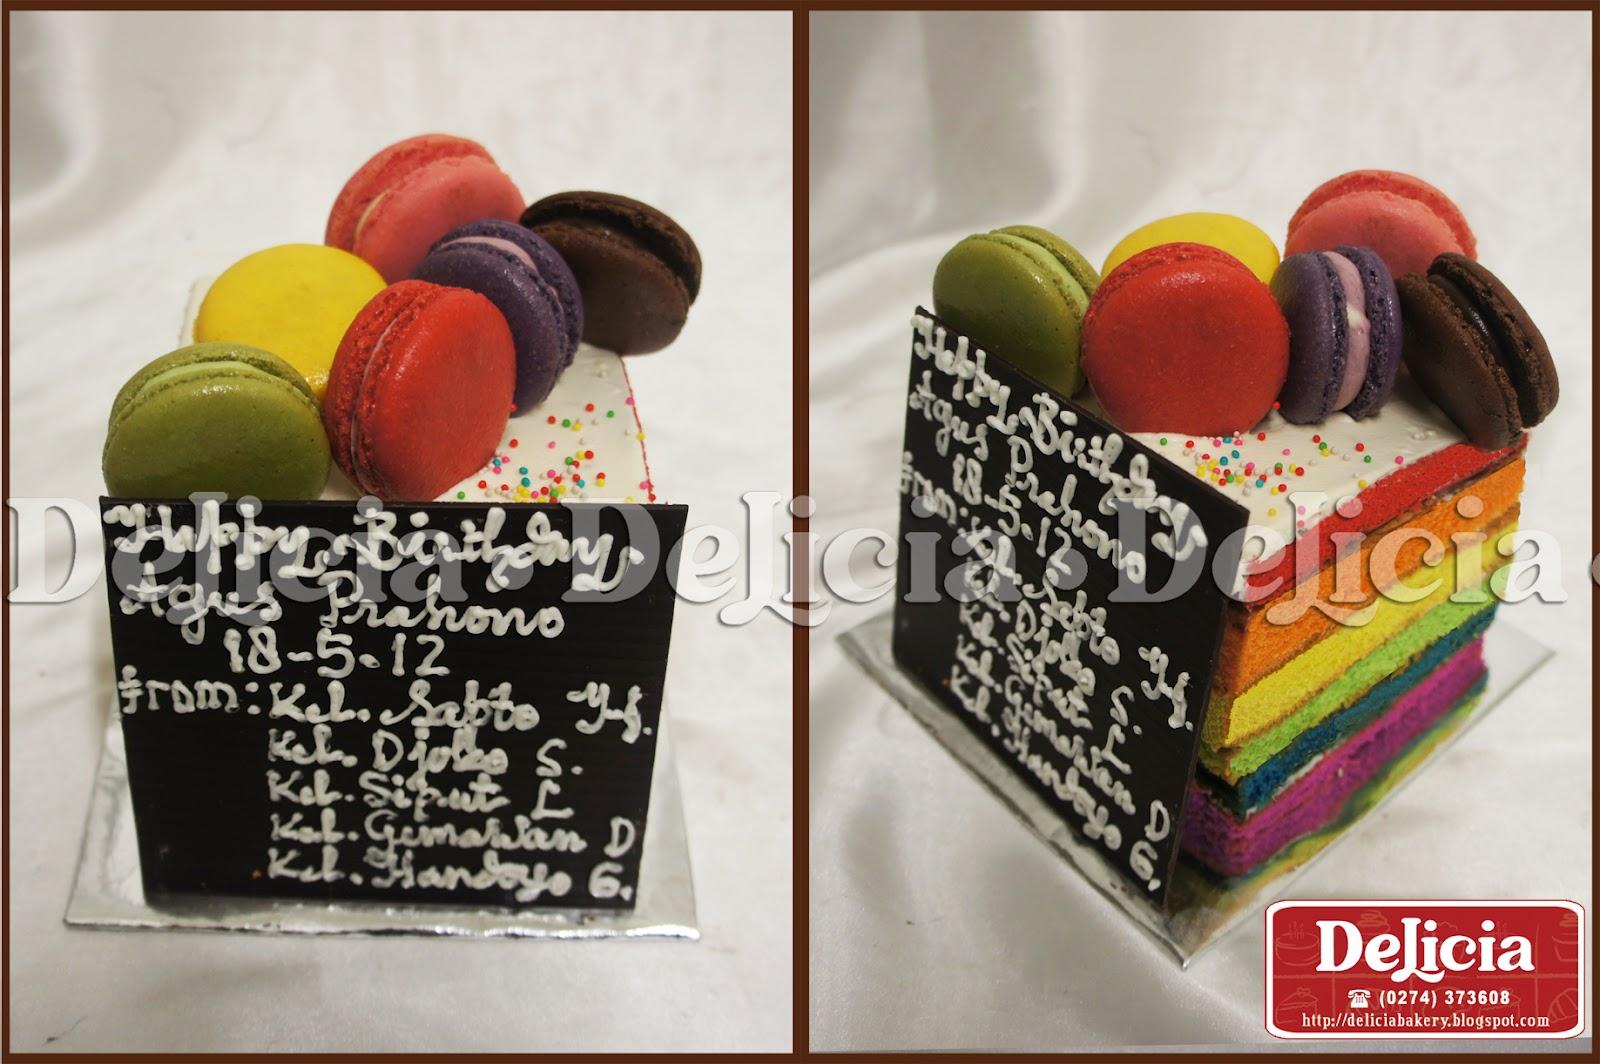 Delicia Bakery & Ice Cream Yogyakarta: Rainbow Cake by ...